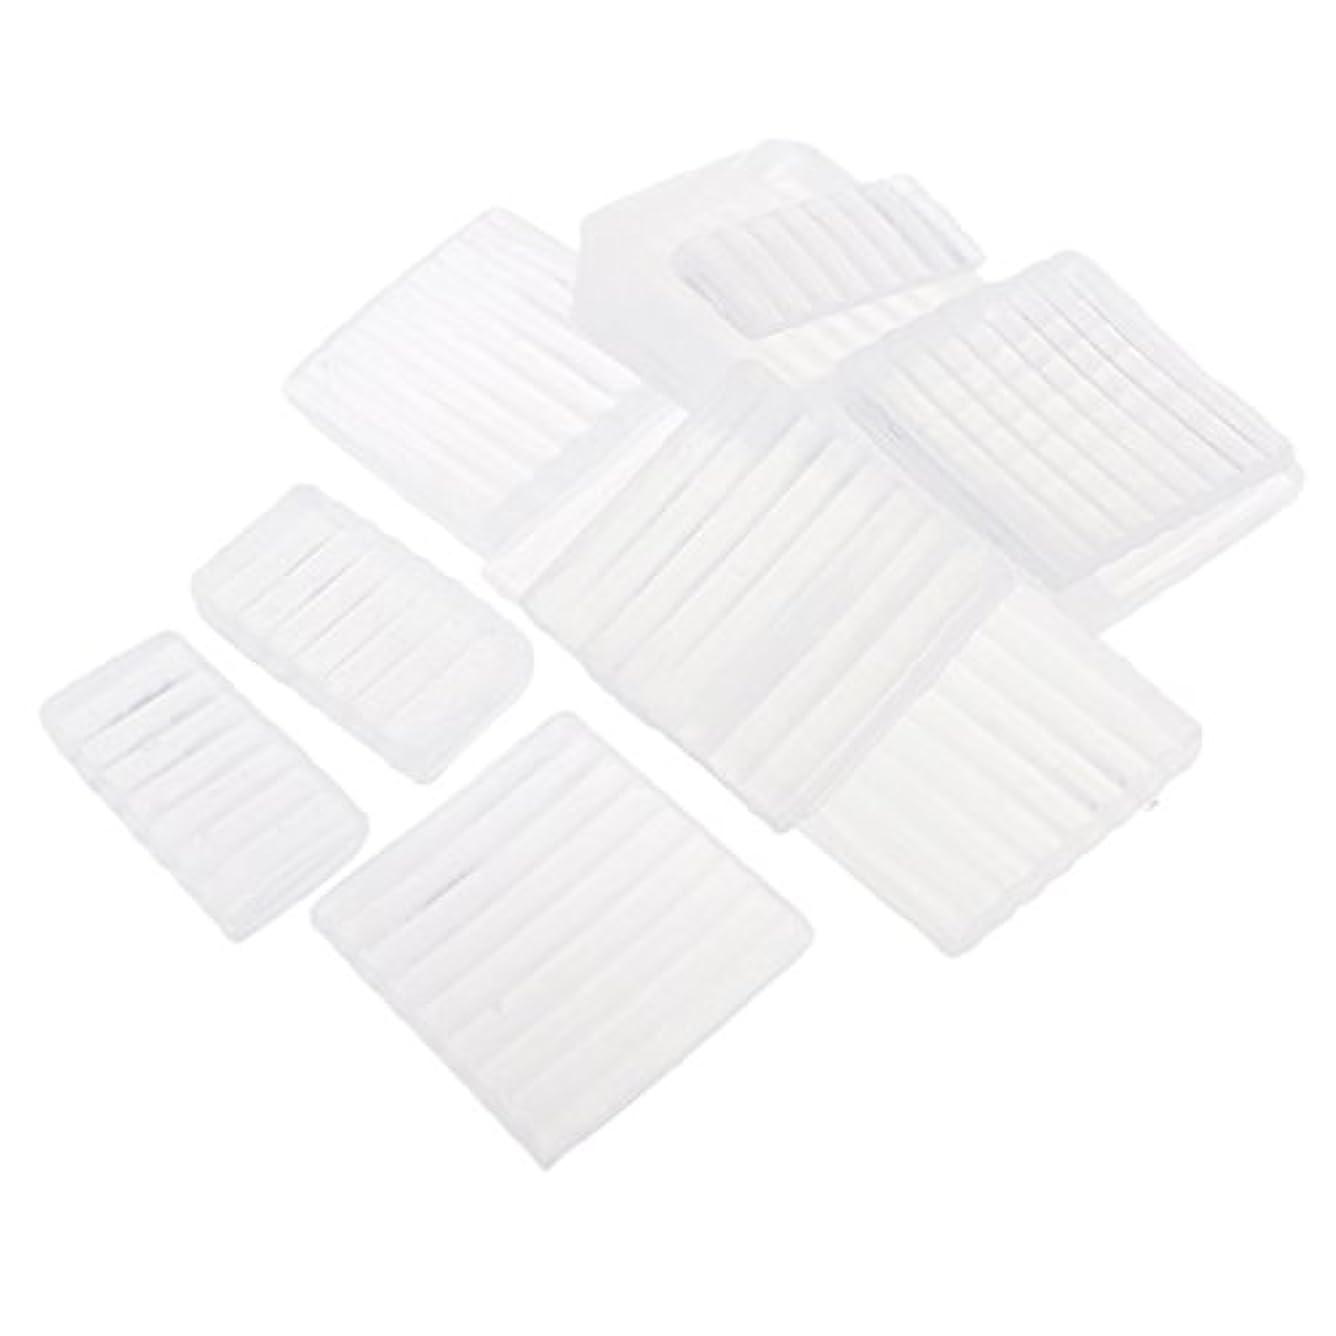 アトミック全国台風Perfeclan 約500g ホワイト 透明 石鹸ベース DIY 手作り 石鹸 材料